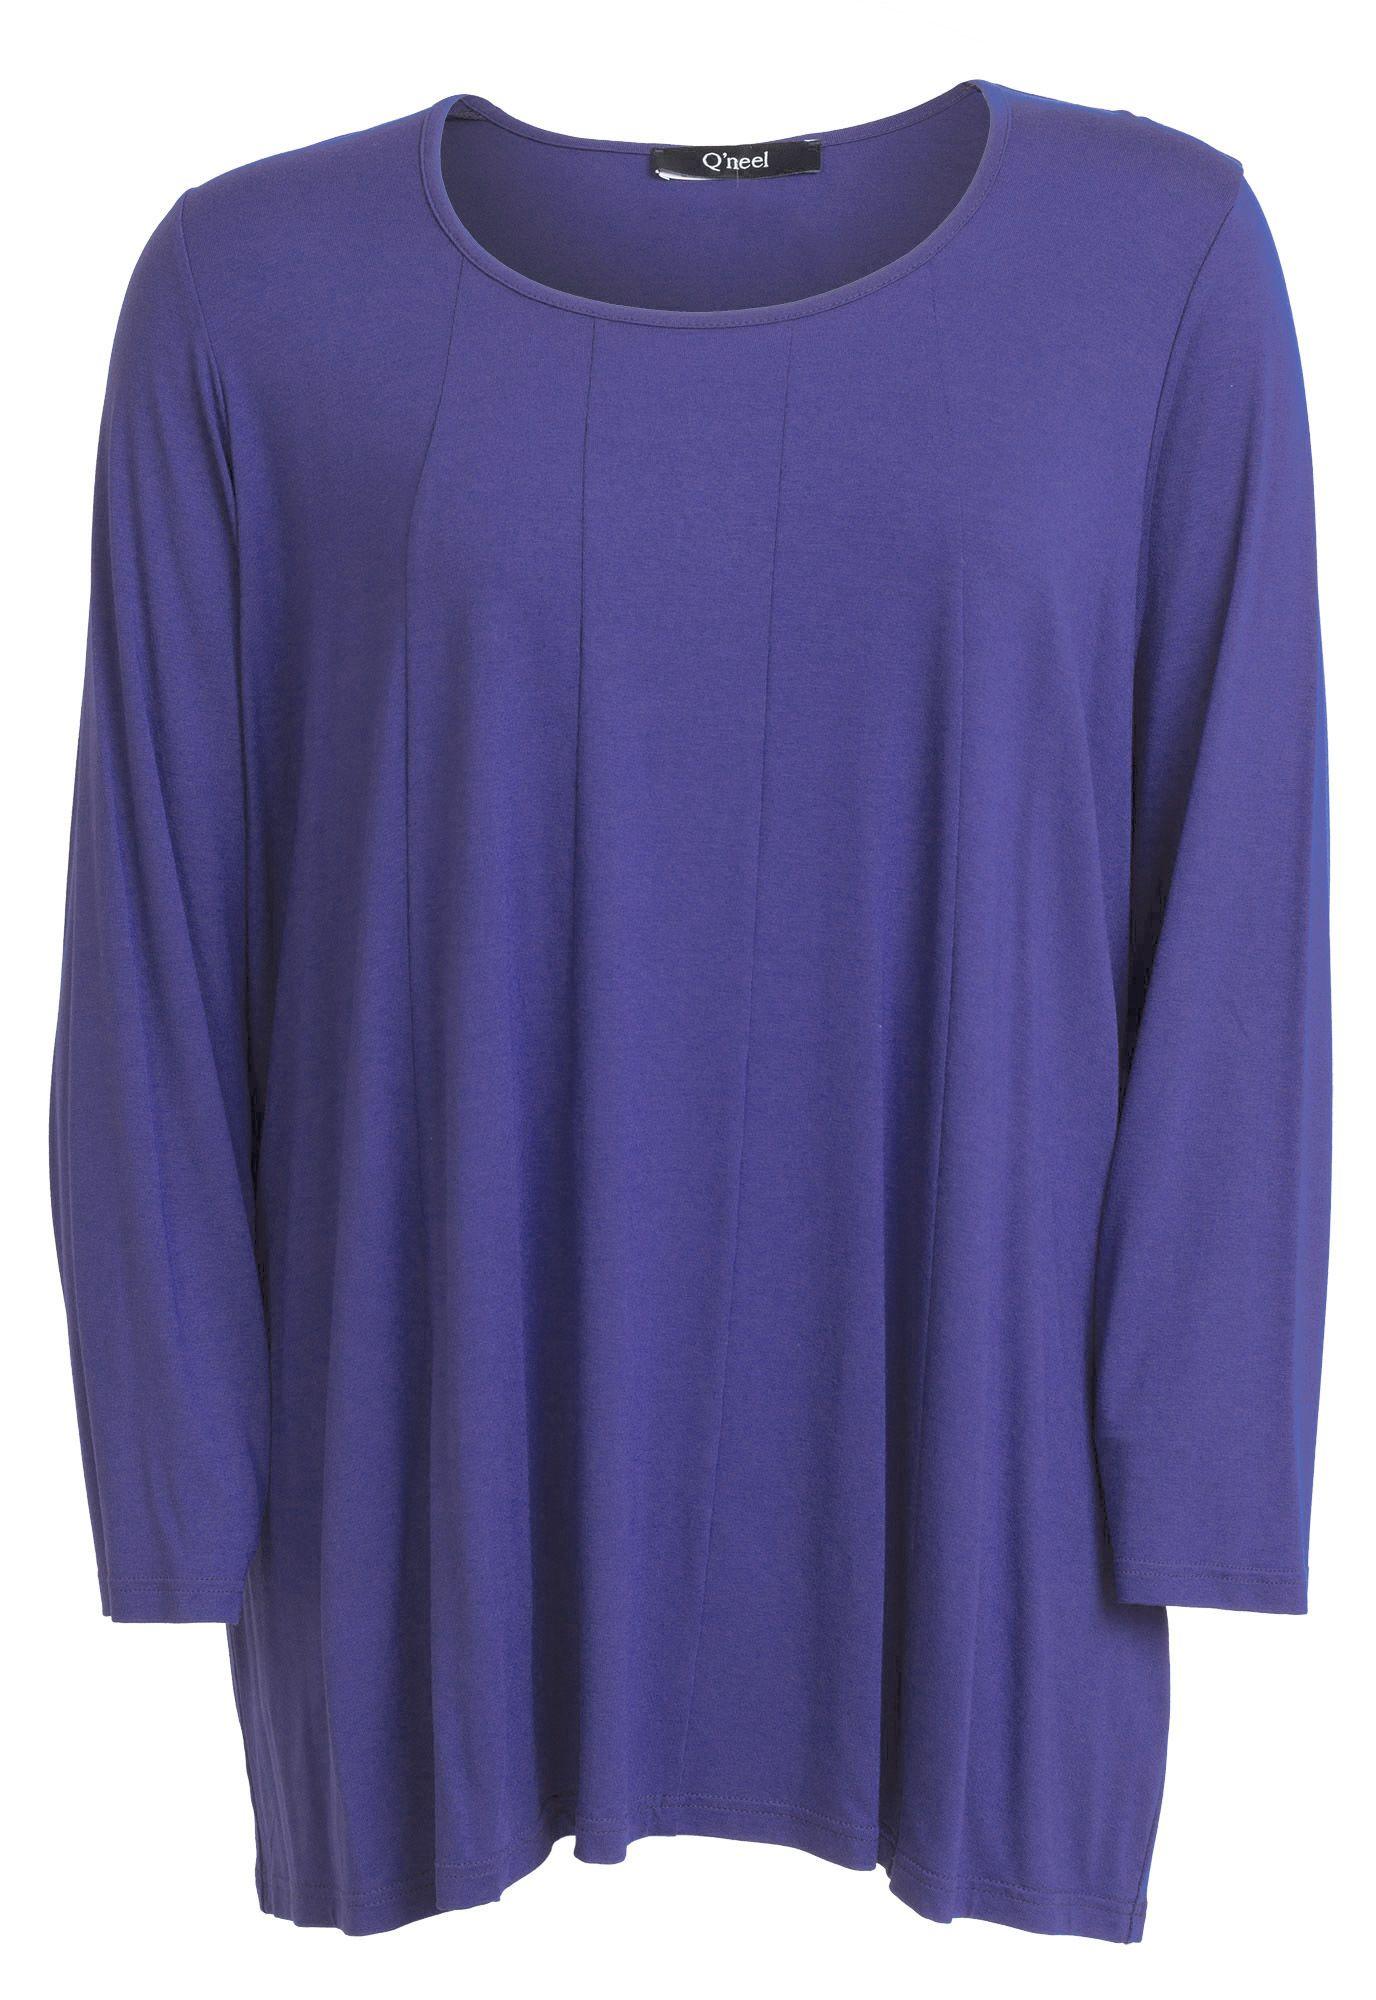 fd17c9a02a96 De lækreste Lilla Tunika   oversize bluse i store størrelser Q`neel Modetøj  til Damer i luksus kvalitet